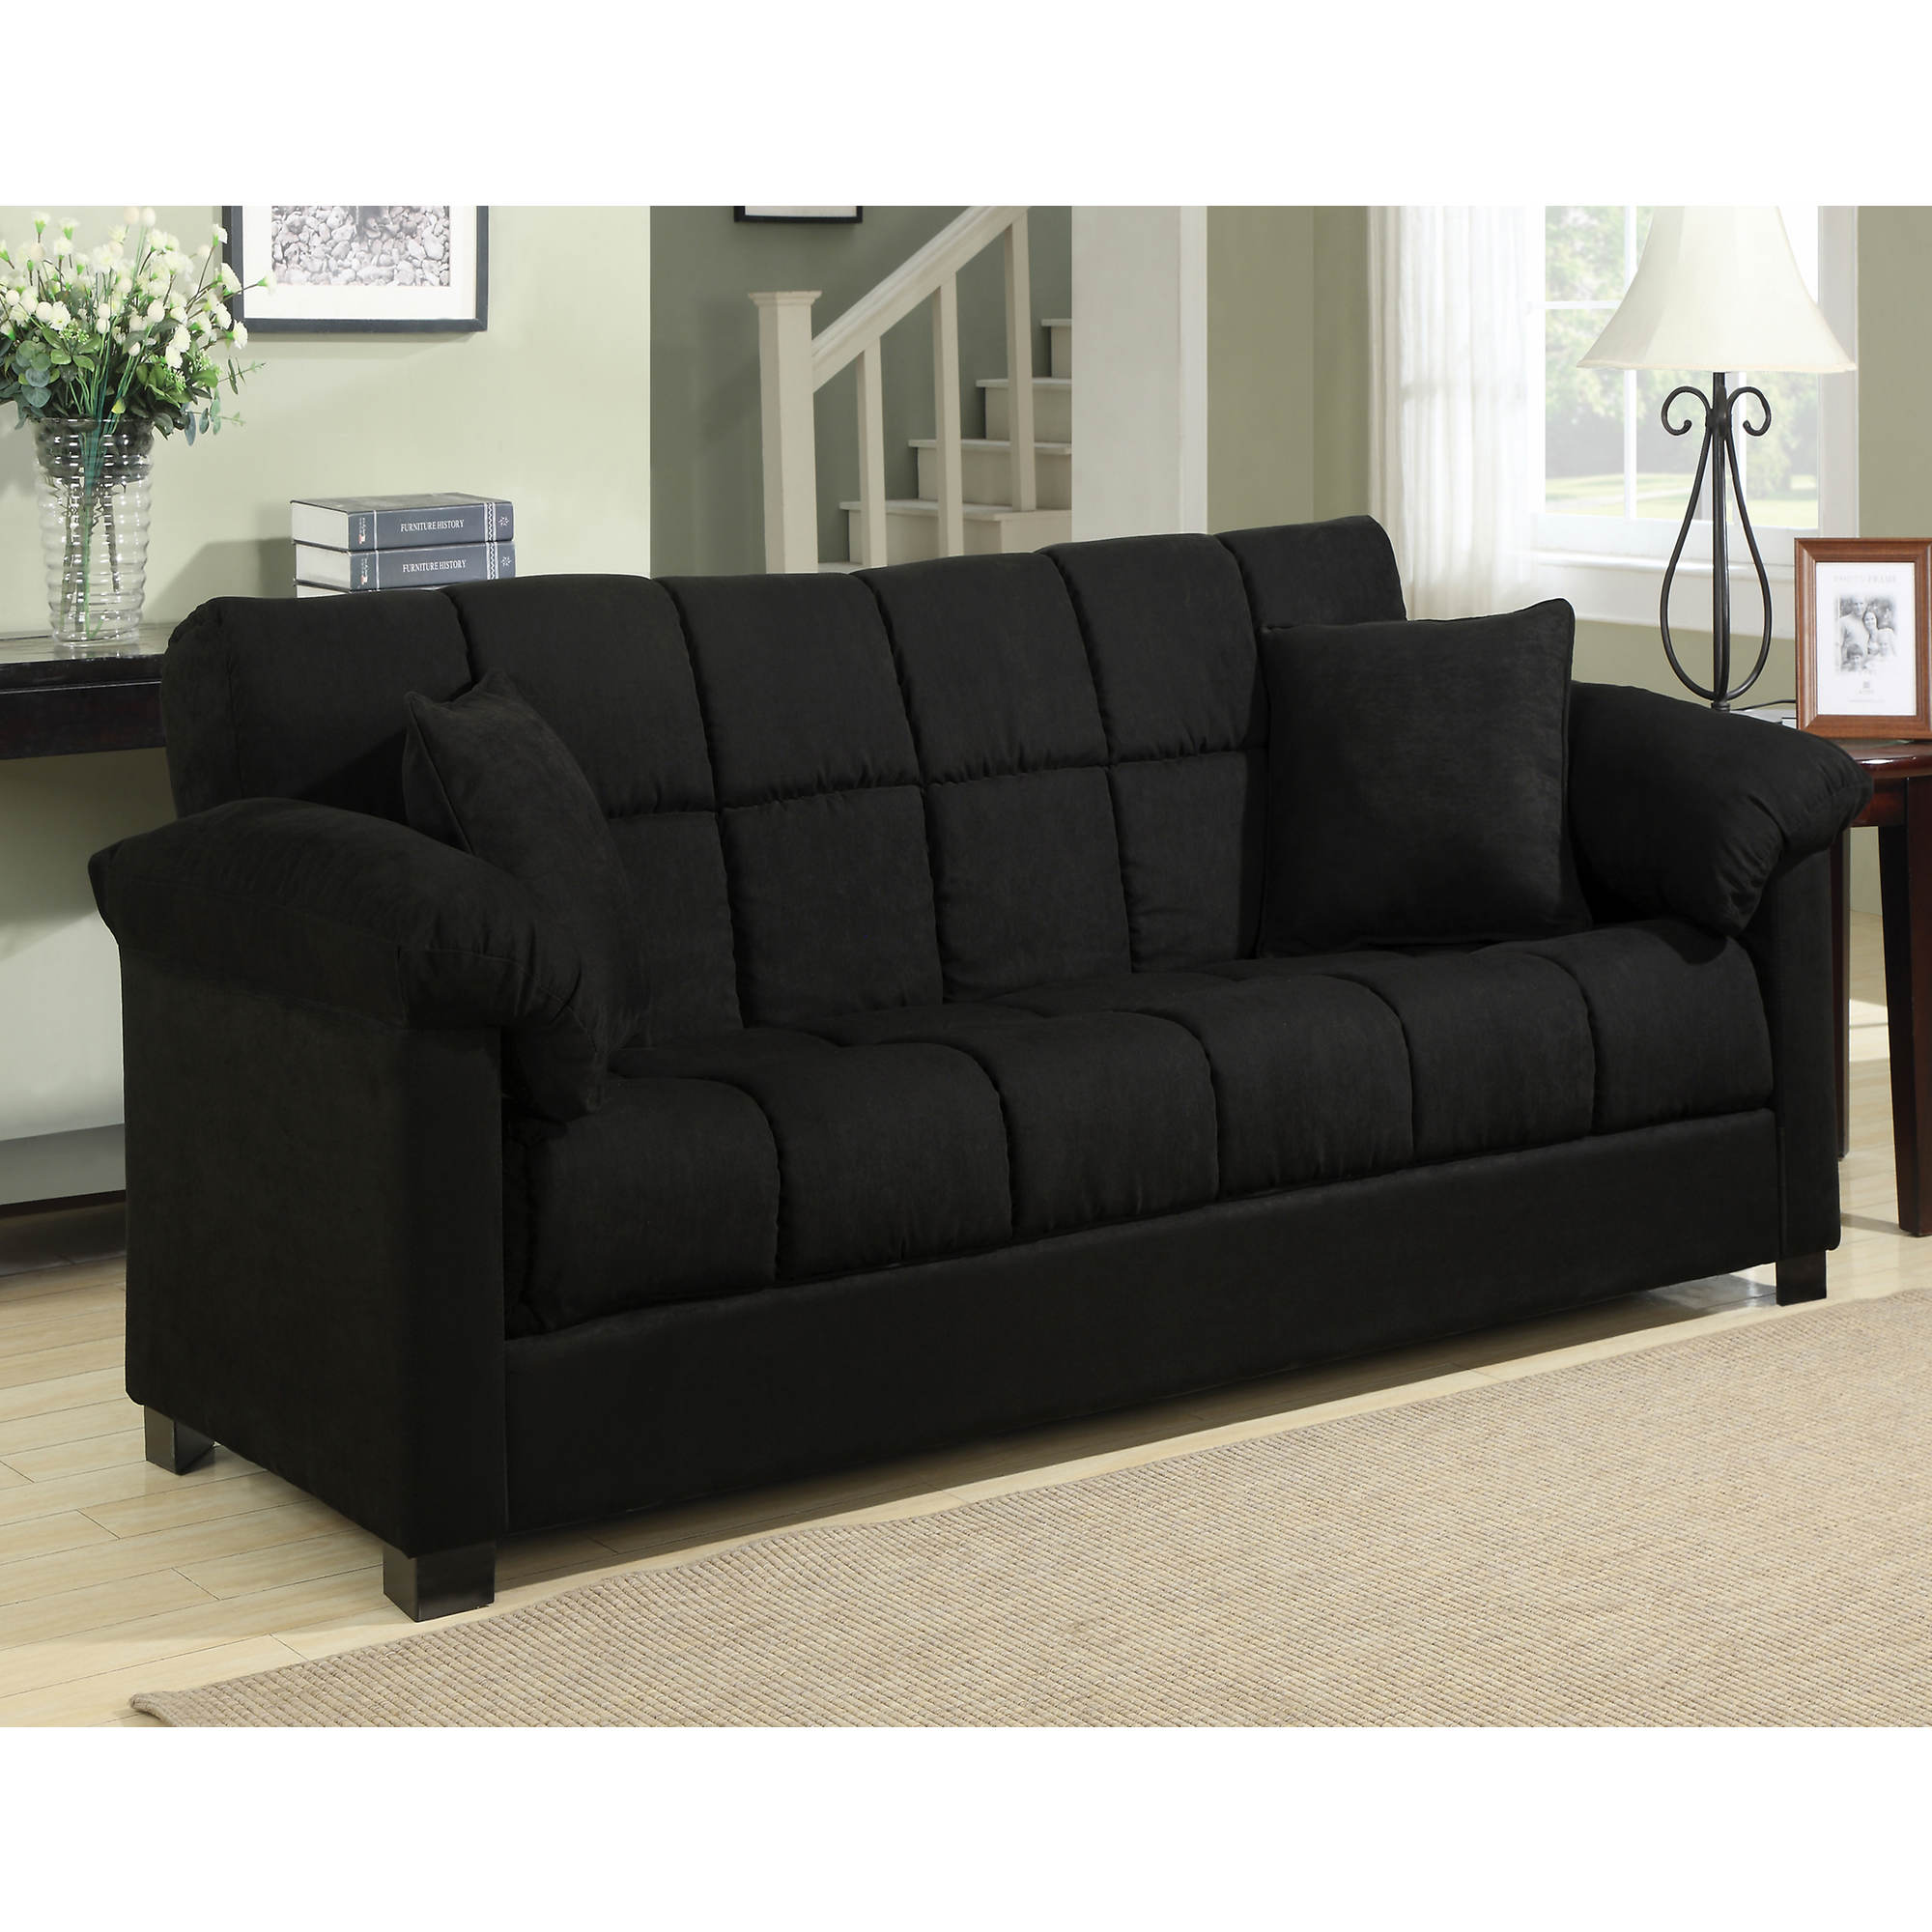 Convert A Sofa Thesofa